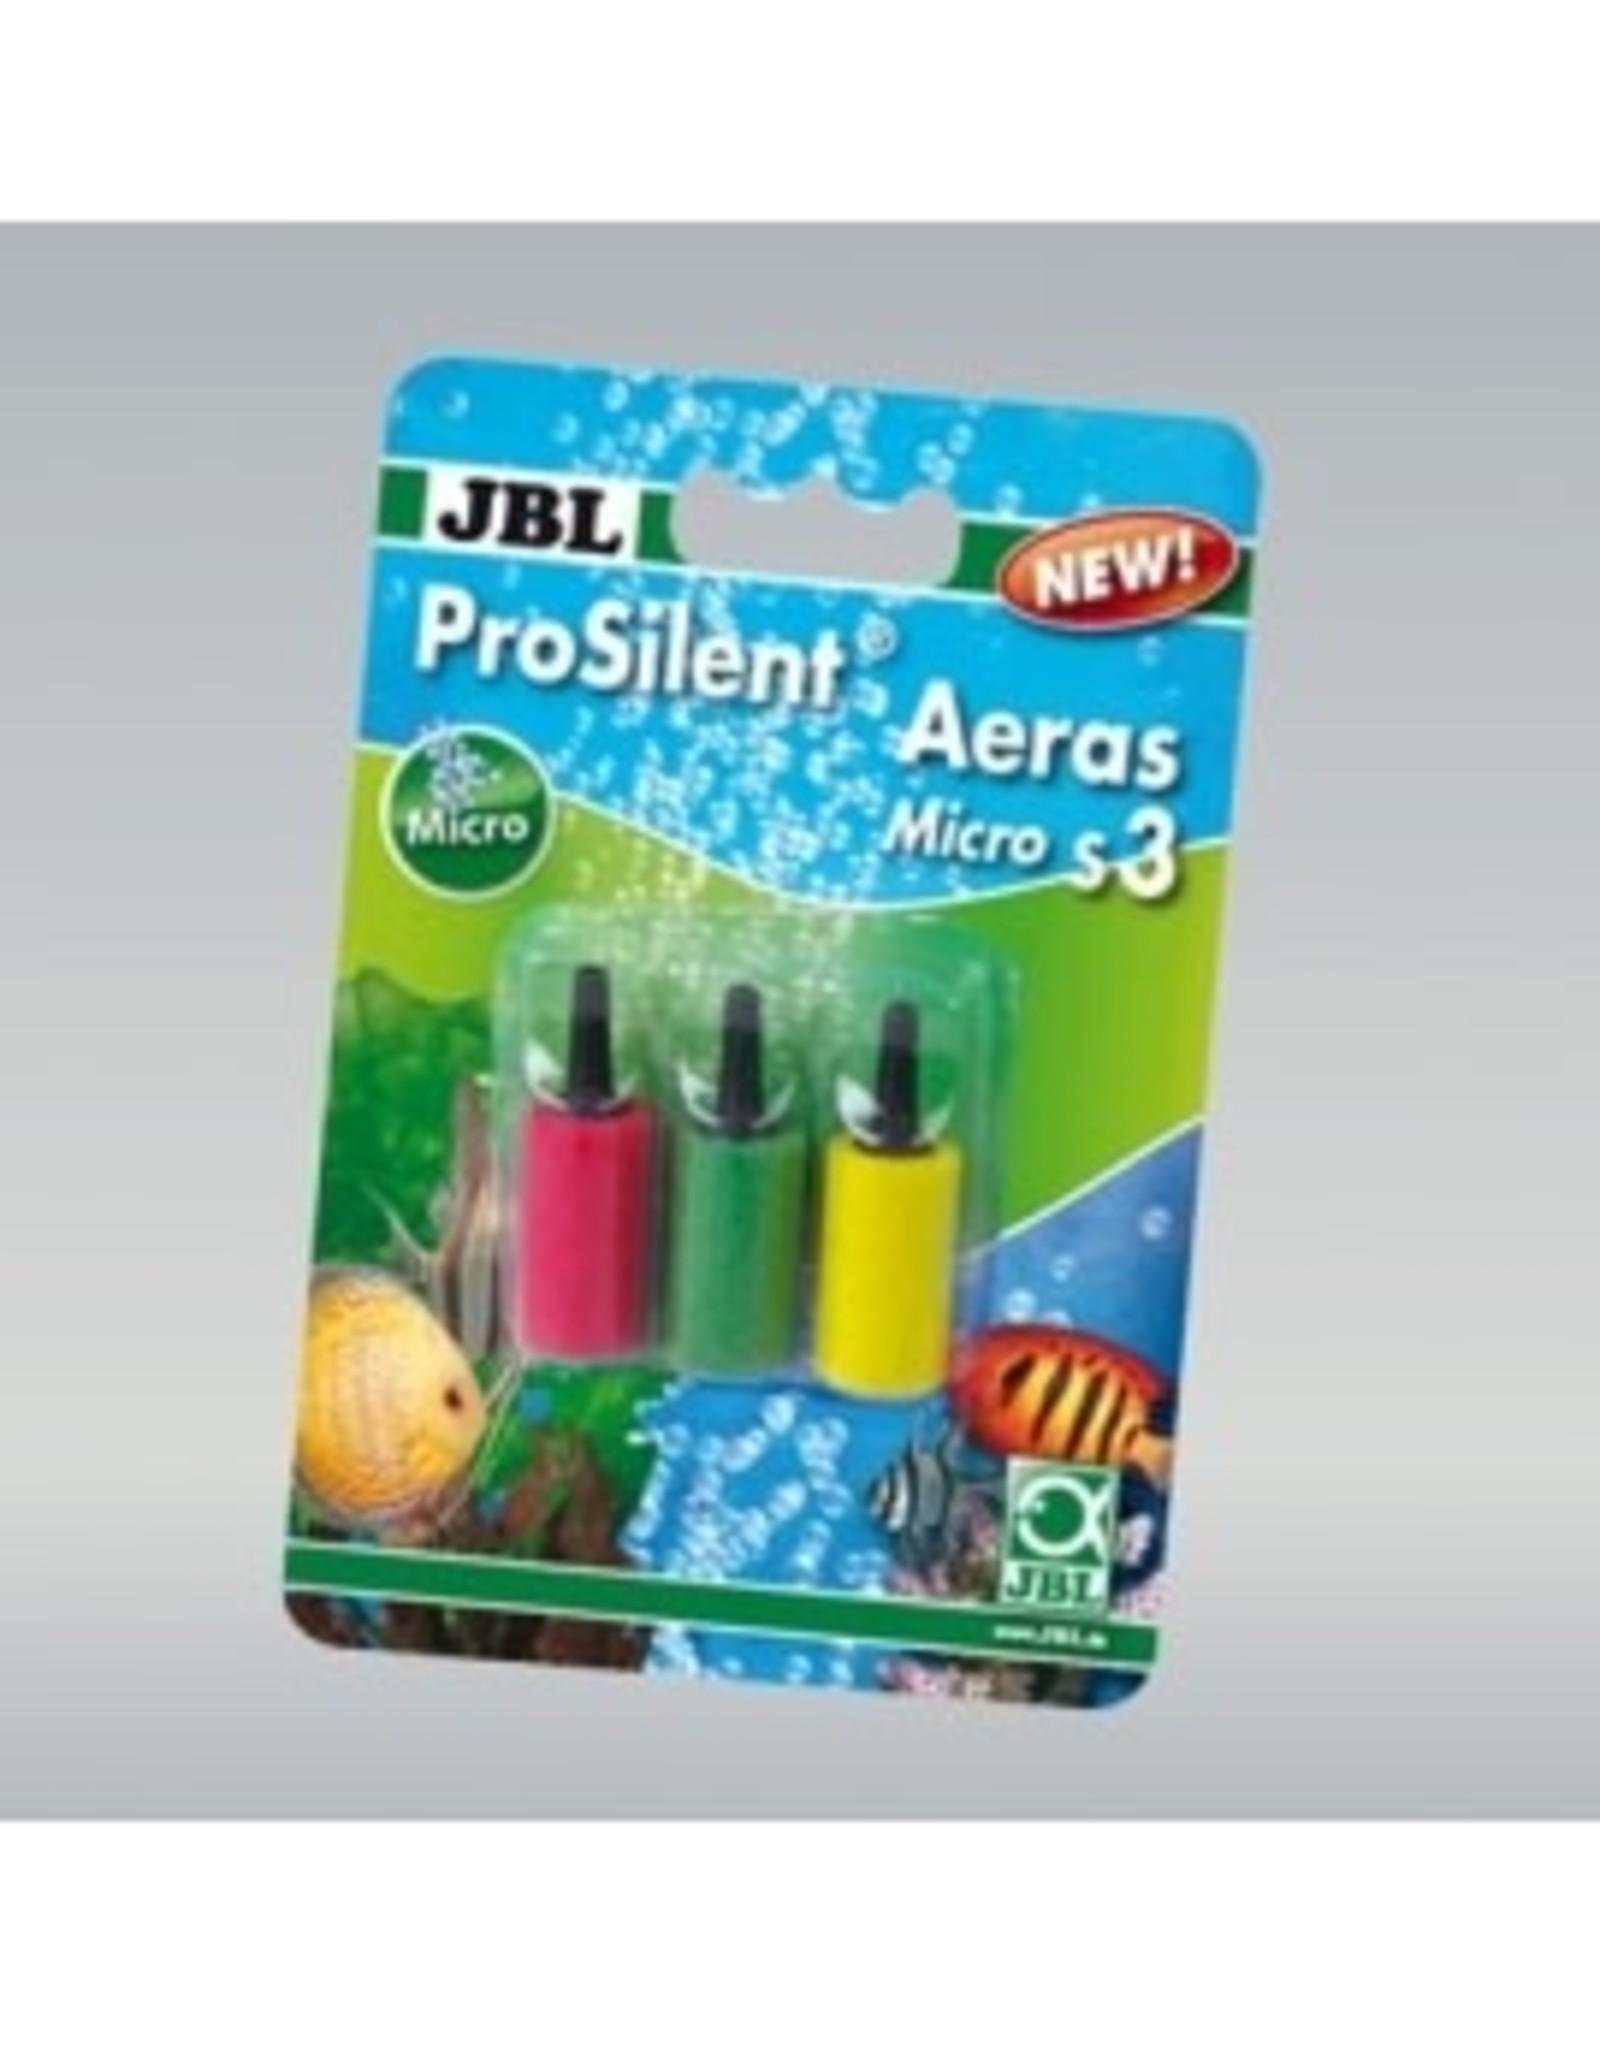 JBL ProSilent Aeras Micro S3 Diffuser